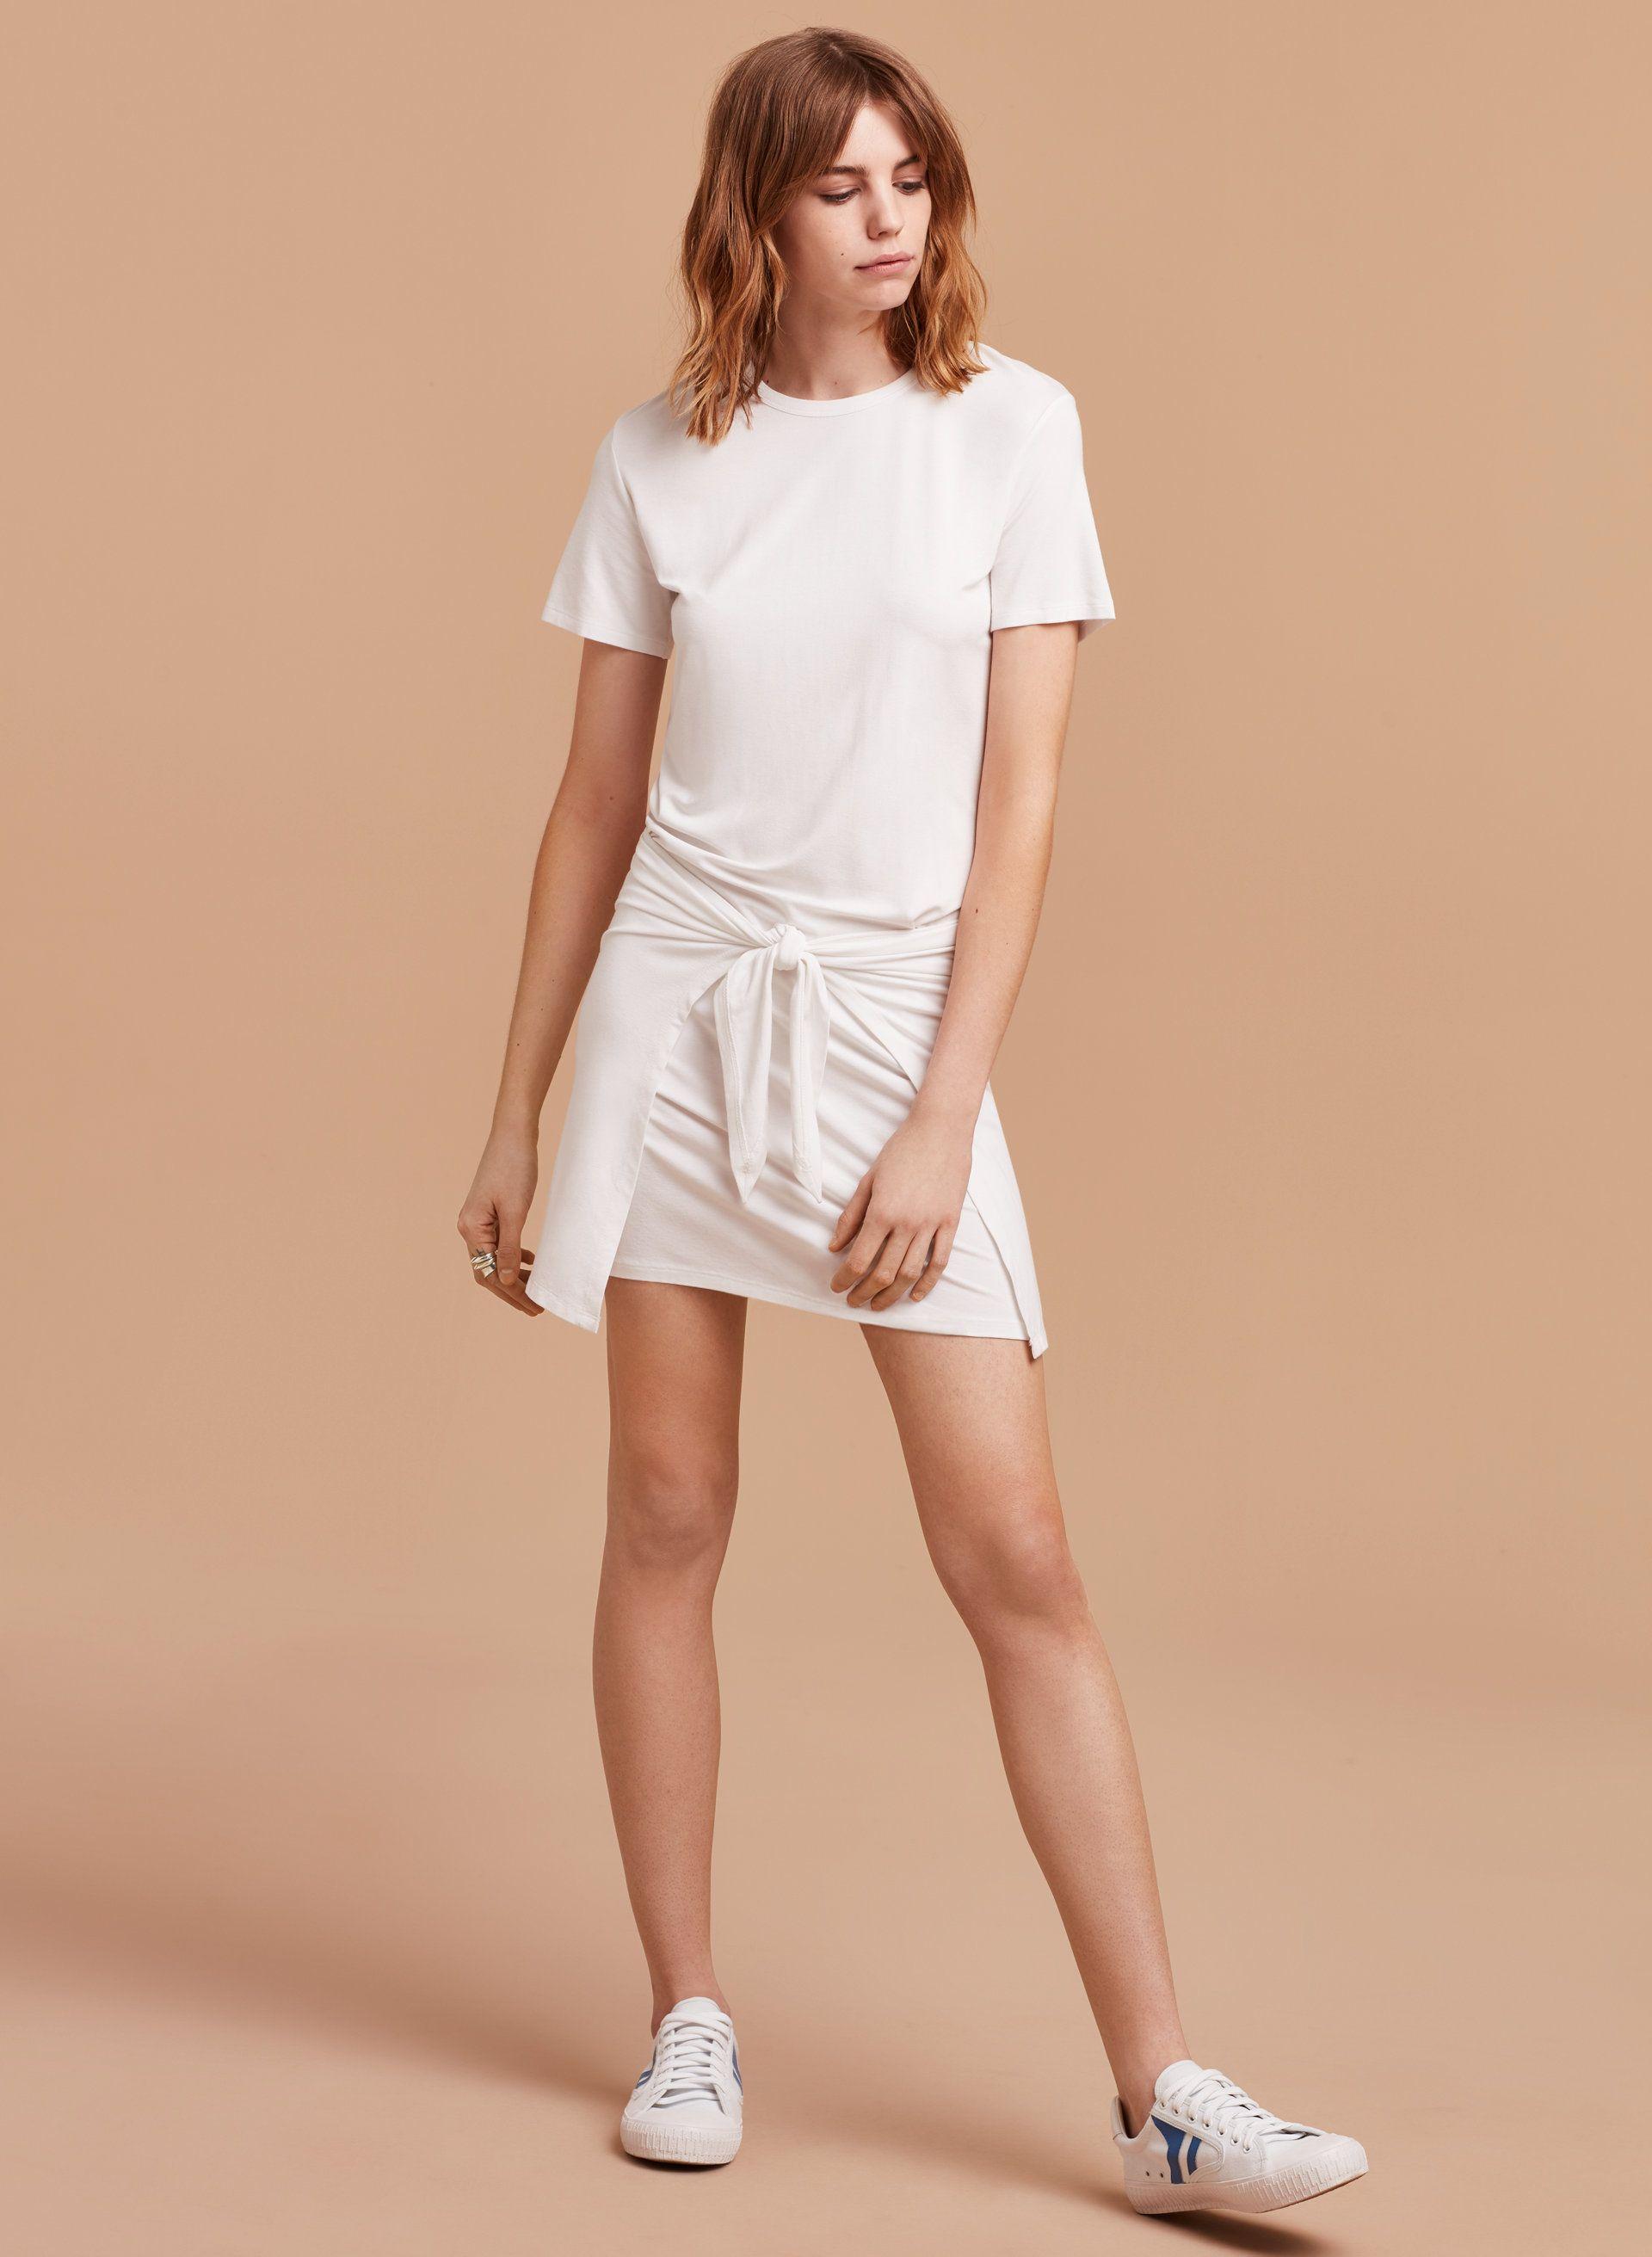 55162a747253 Bair dress   clothes/shoes   Dresses, Soft fabrics, White dress